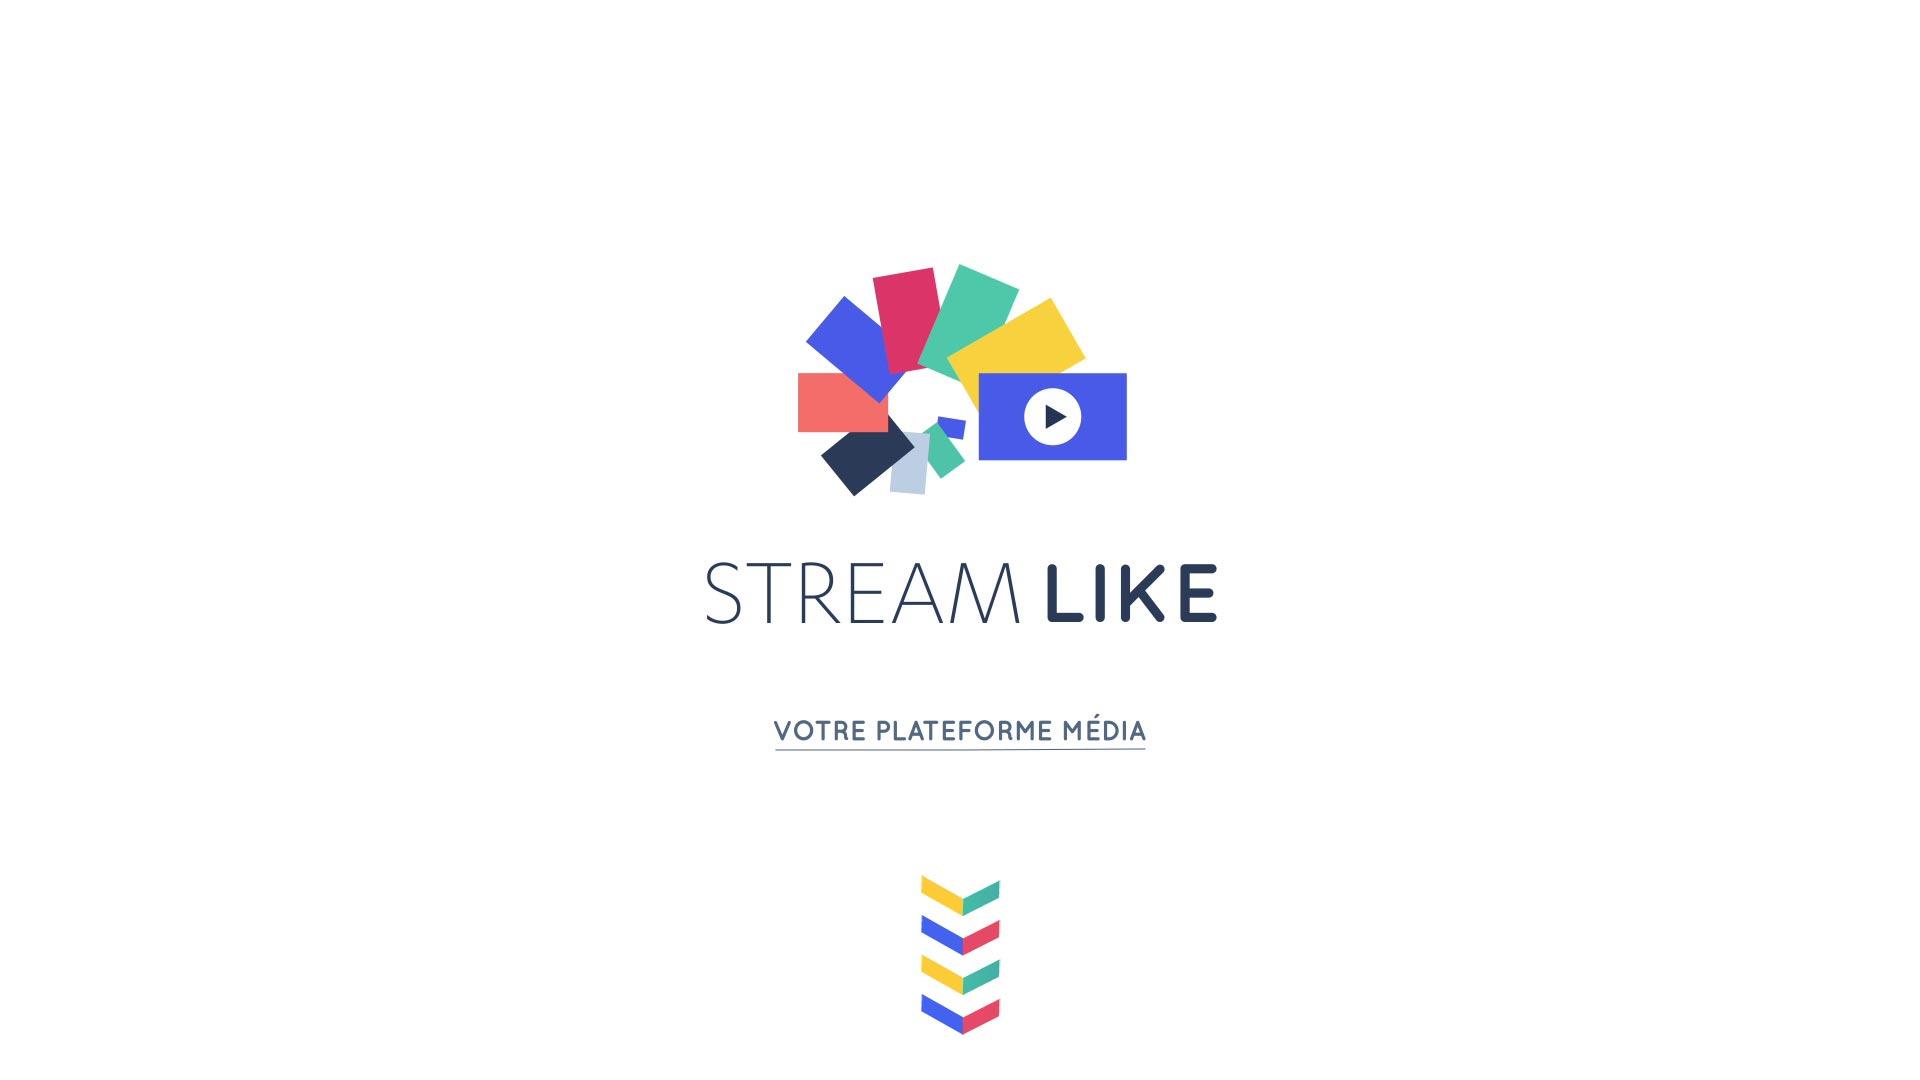 Streamlike, votre plateforme media